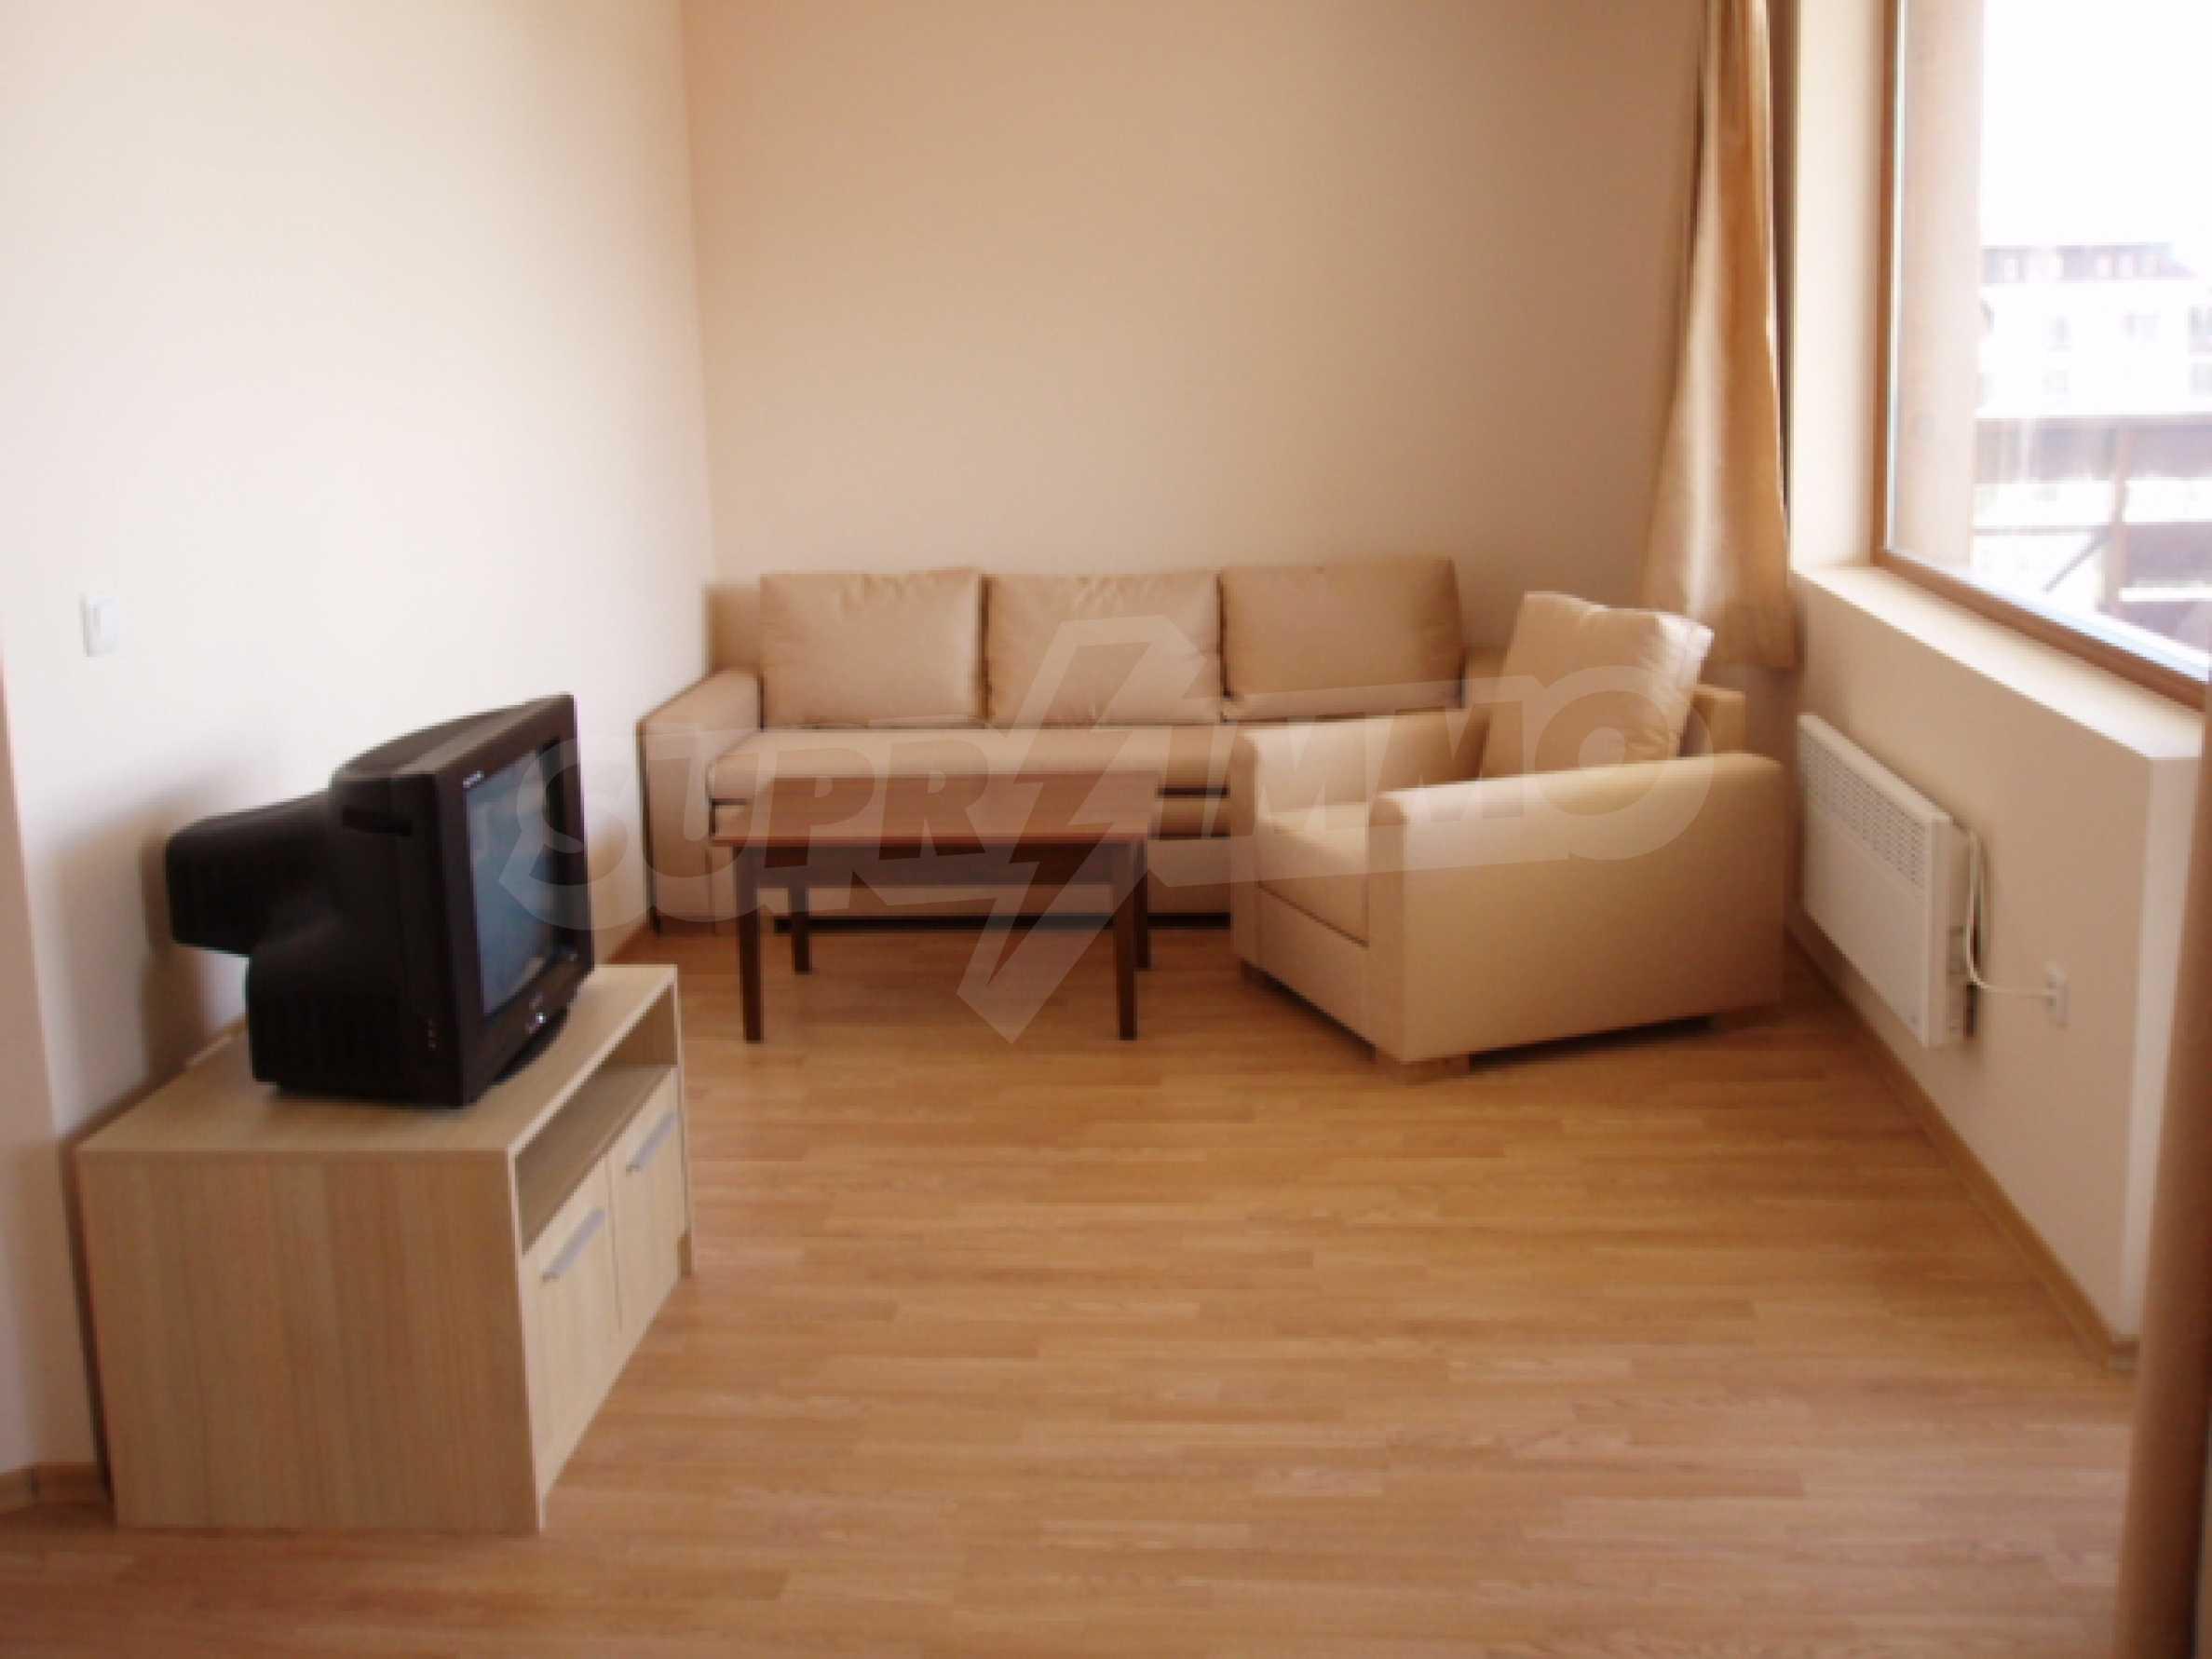 Тристаен апартамент за продажба в гр. Банско 1